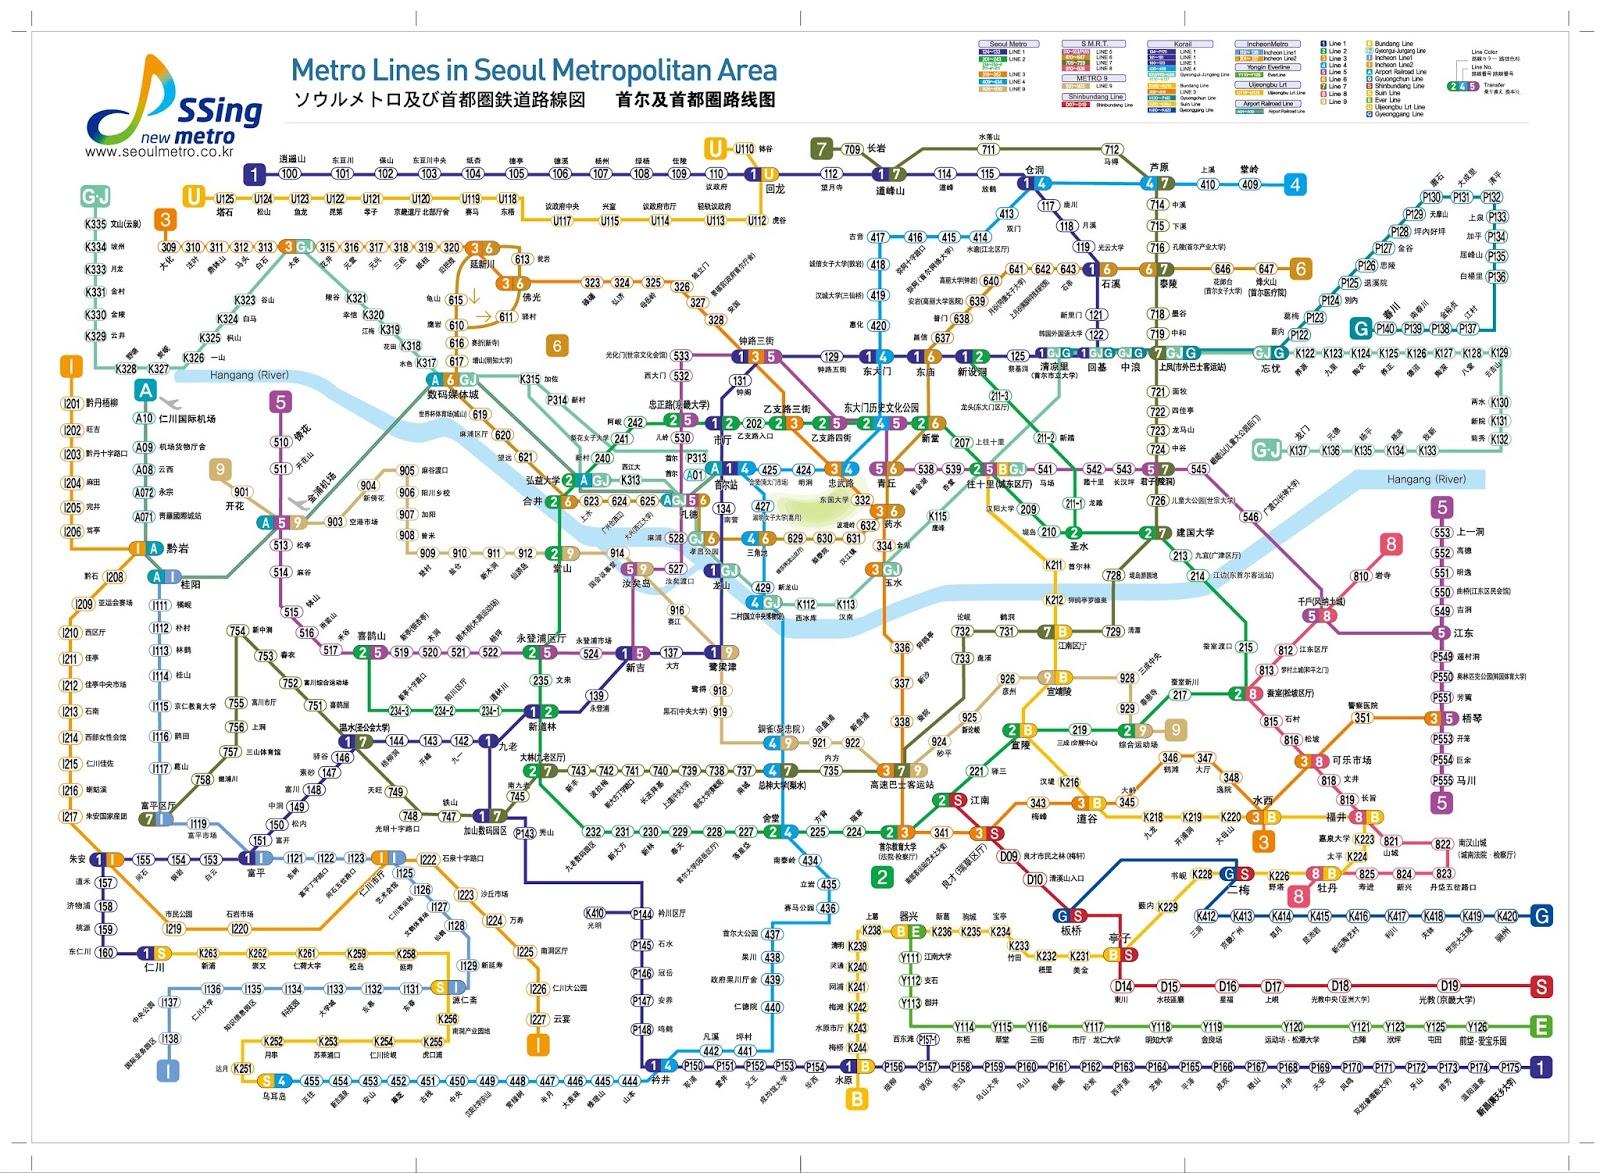 首爾地鐵獲外媒好評,是什麼「優點」讓外媒留下好印象?